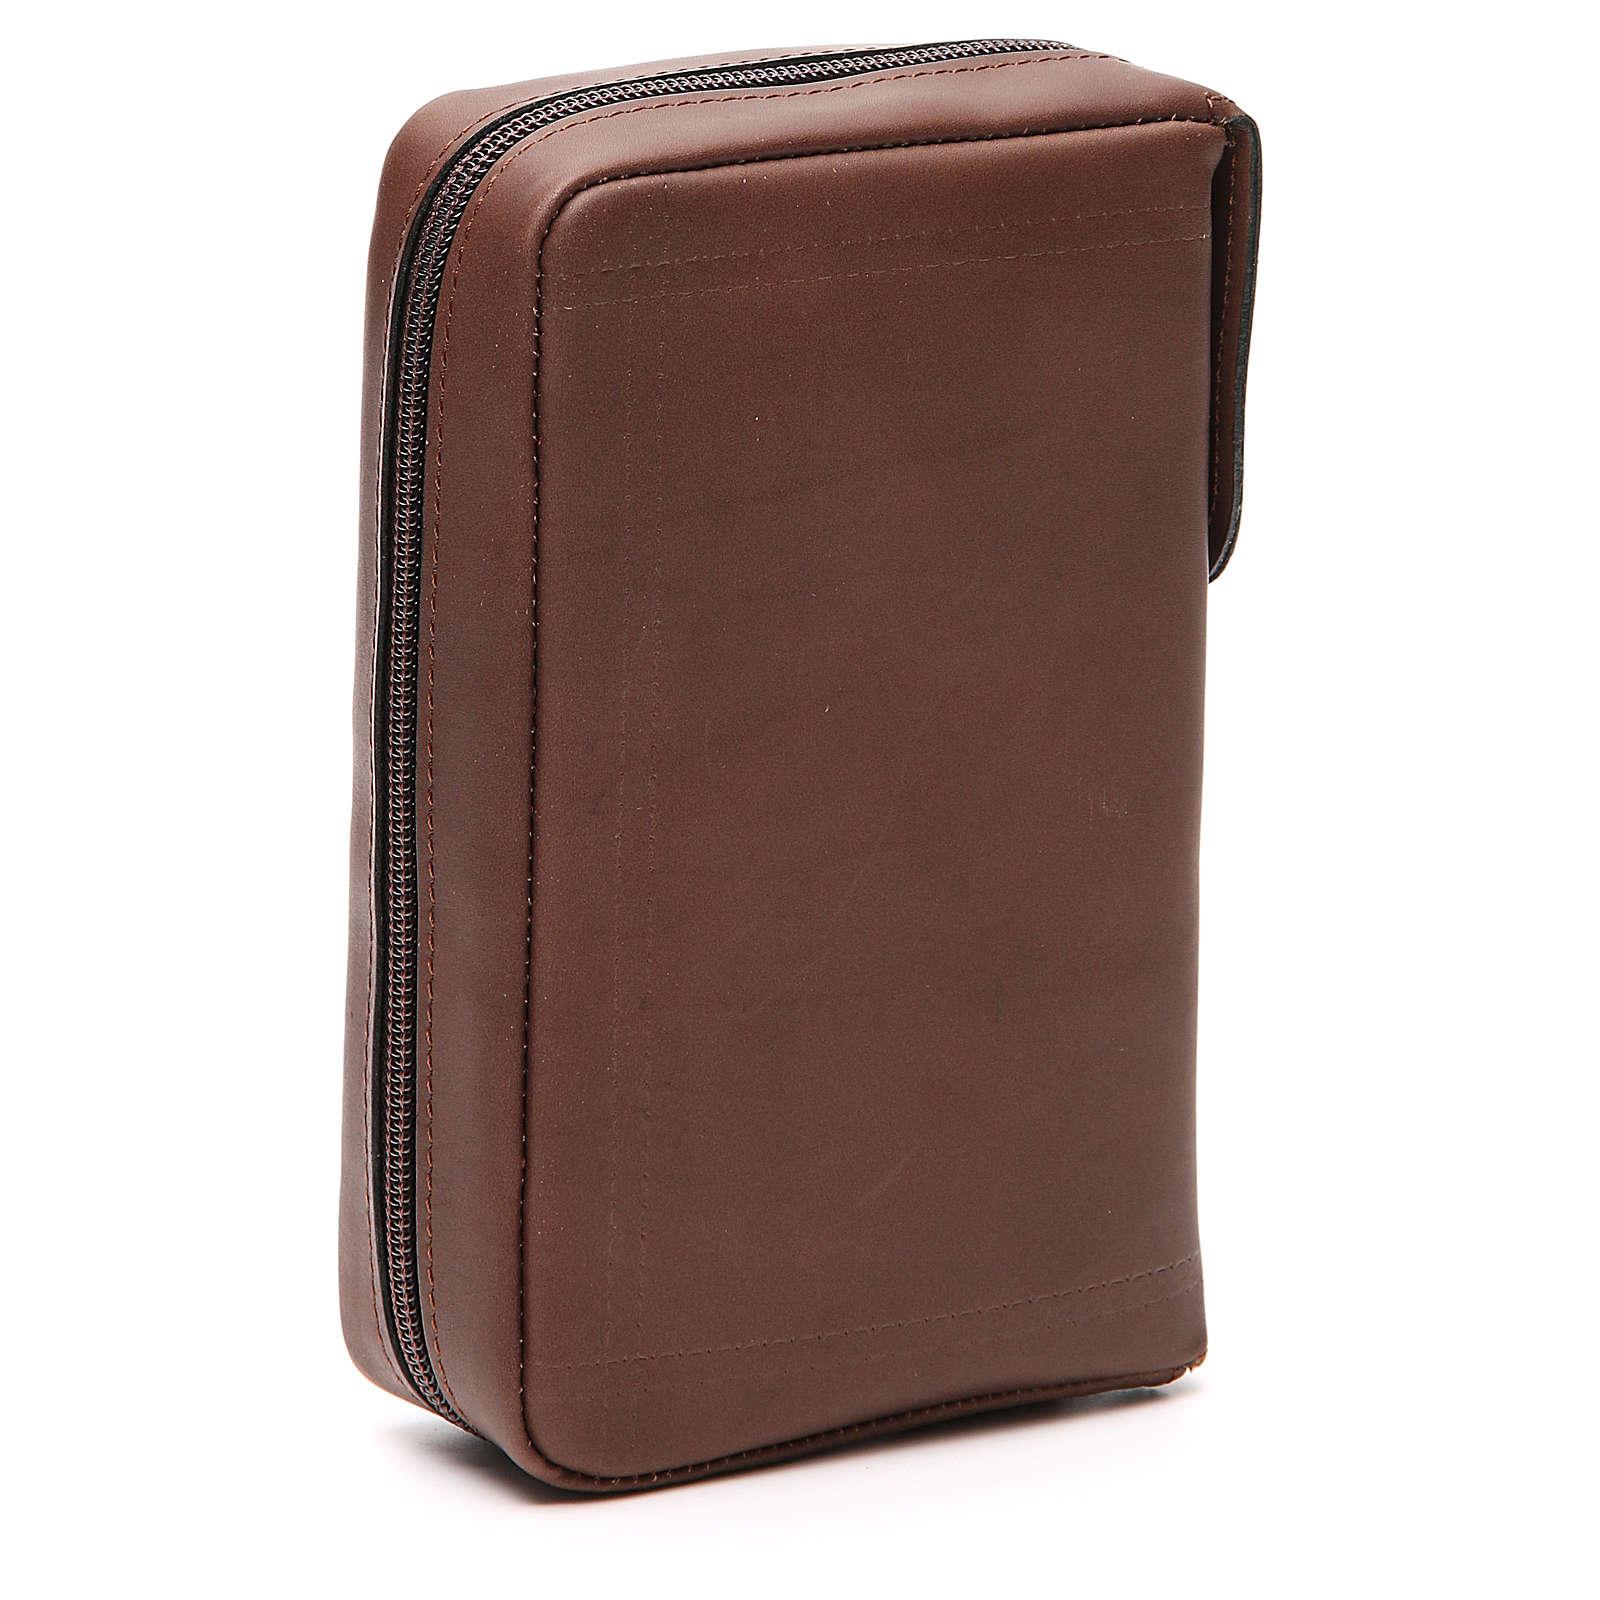 Couverture Lit. Vol. unique cuir brun Ancre Salut fermeture éclair 4